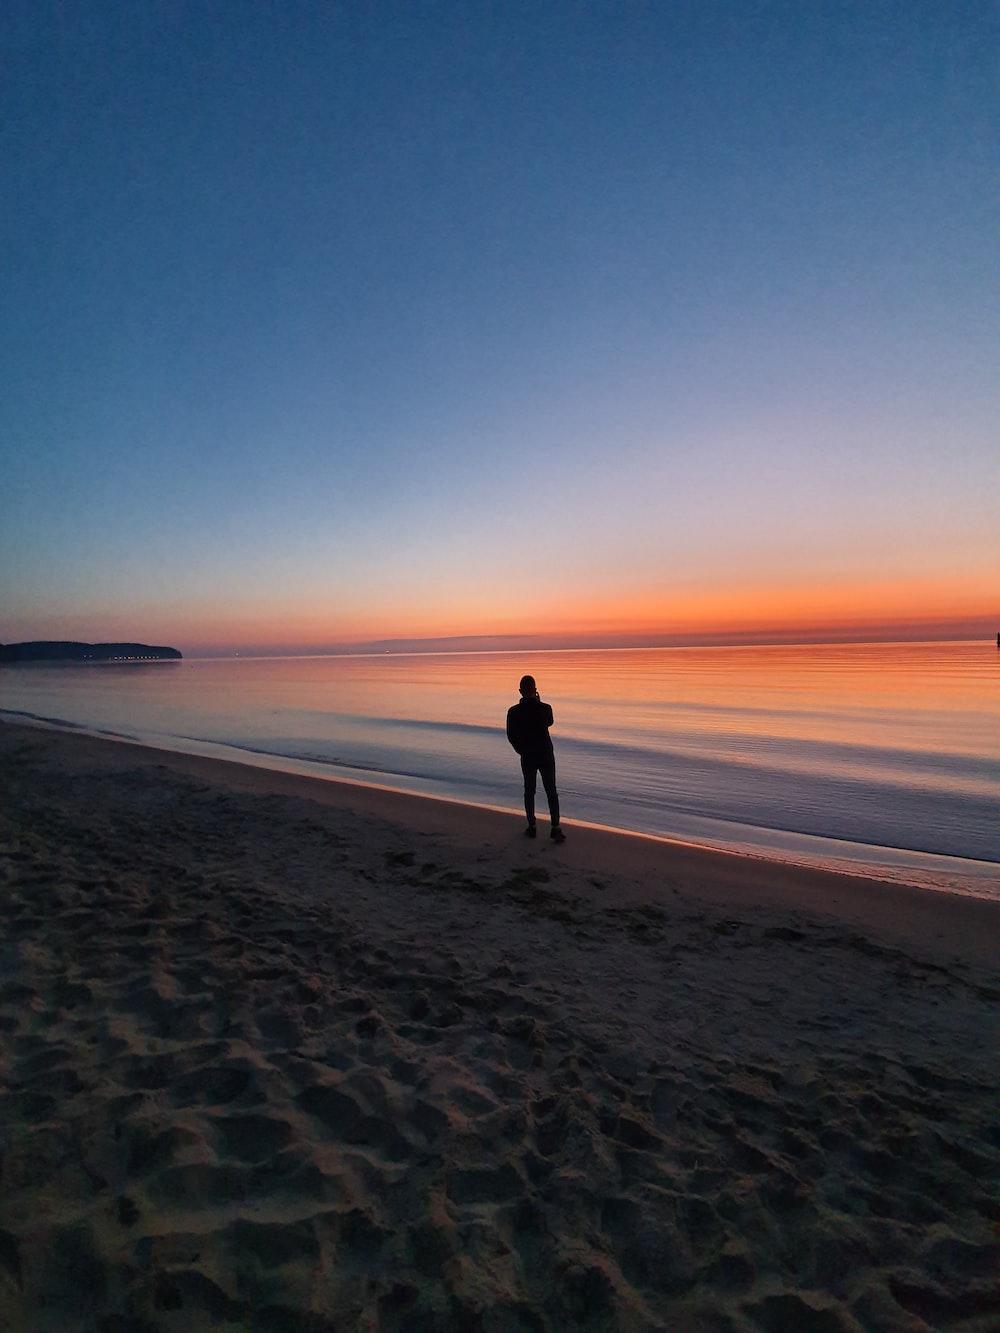 silhouette photo of man near beach